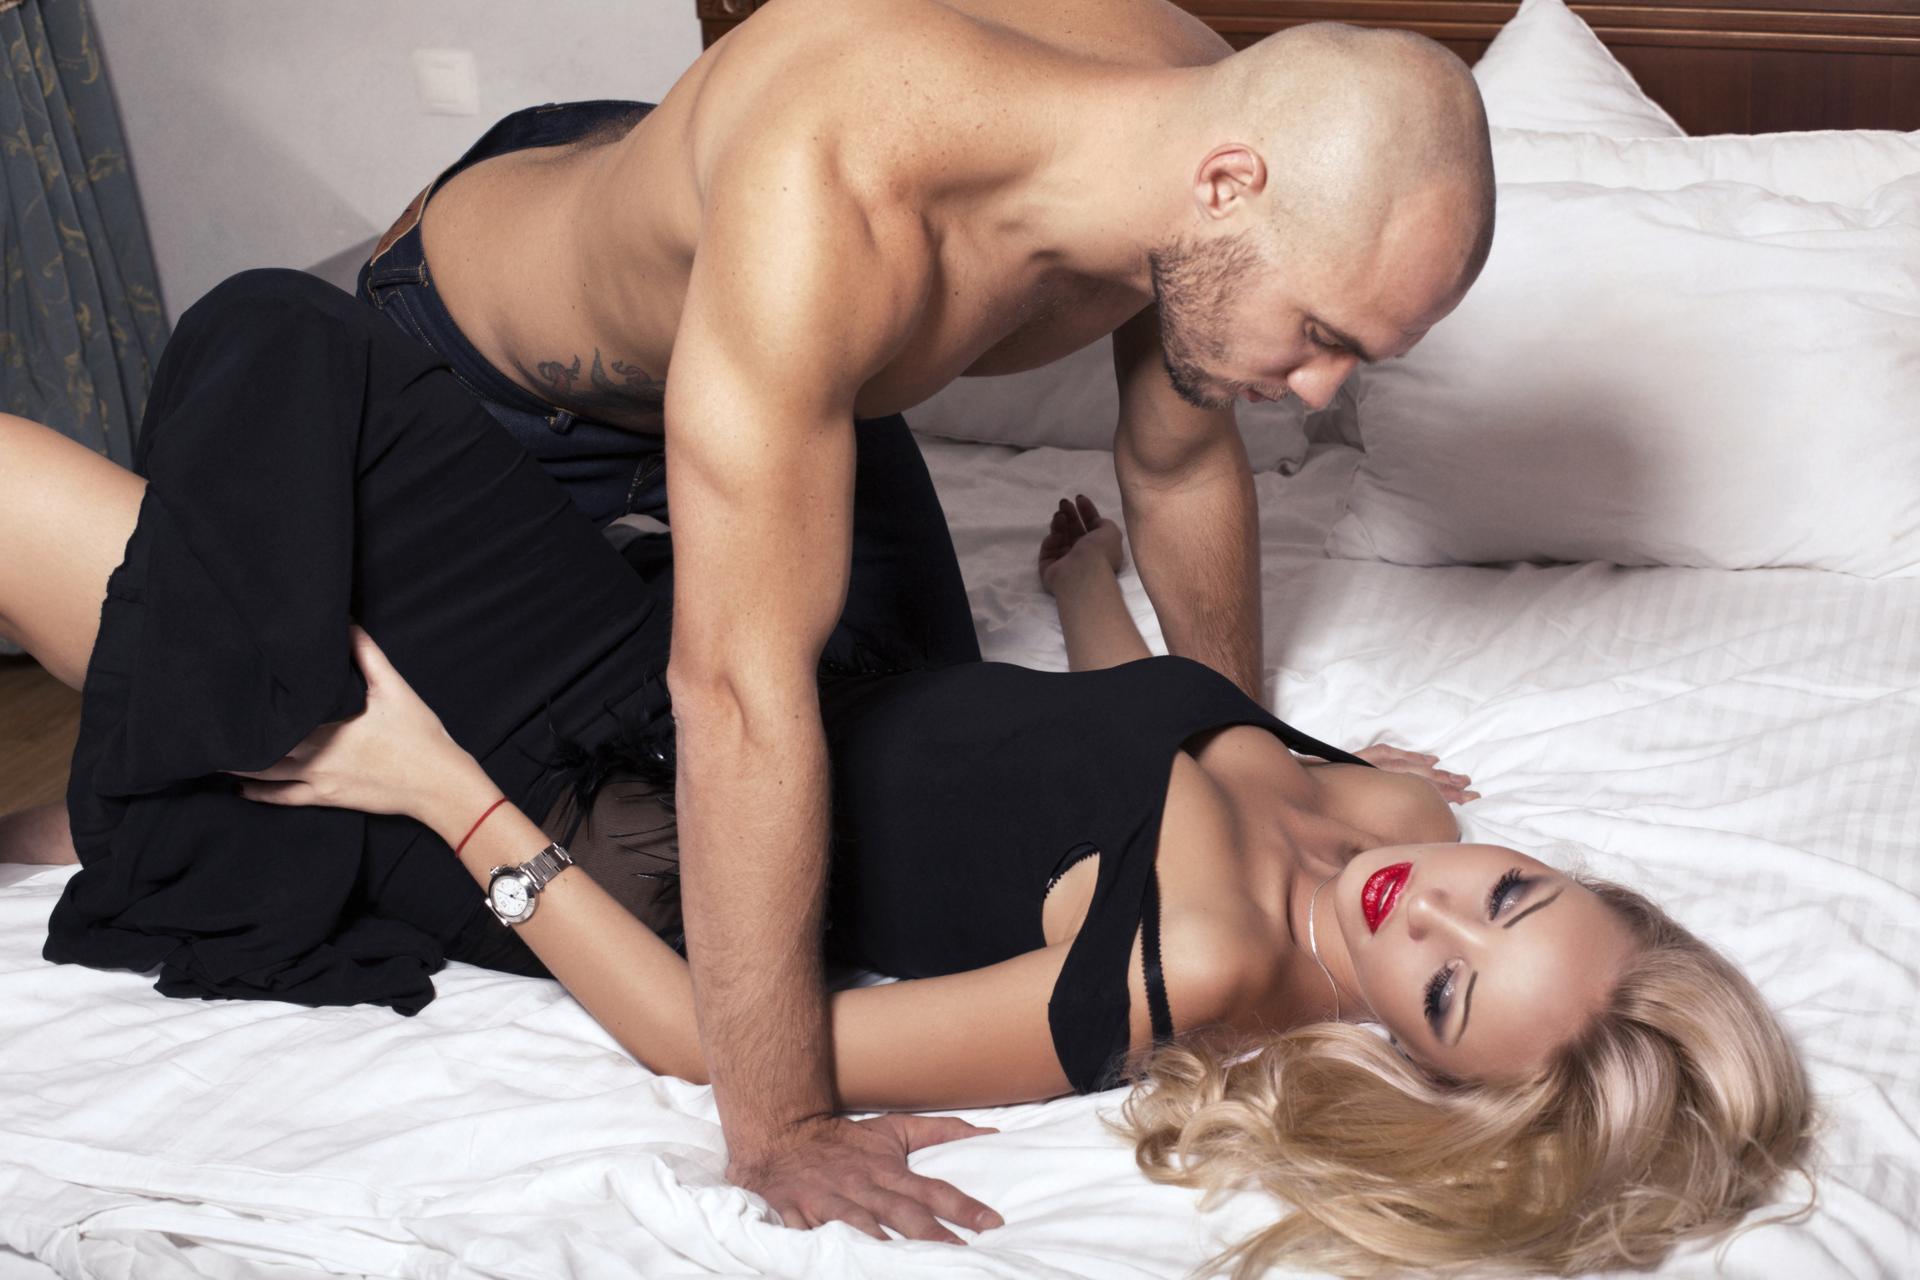 najbolje pozicije analnog seksa fotografije tinejdžera golih